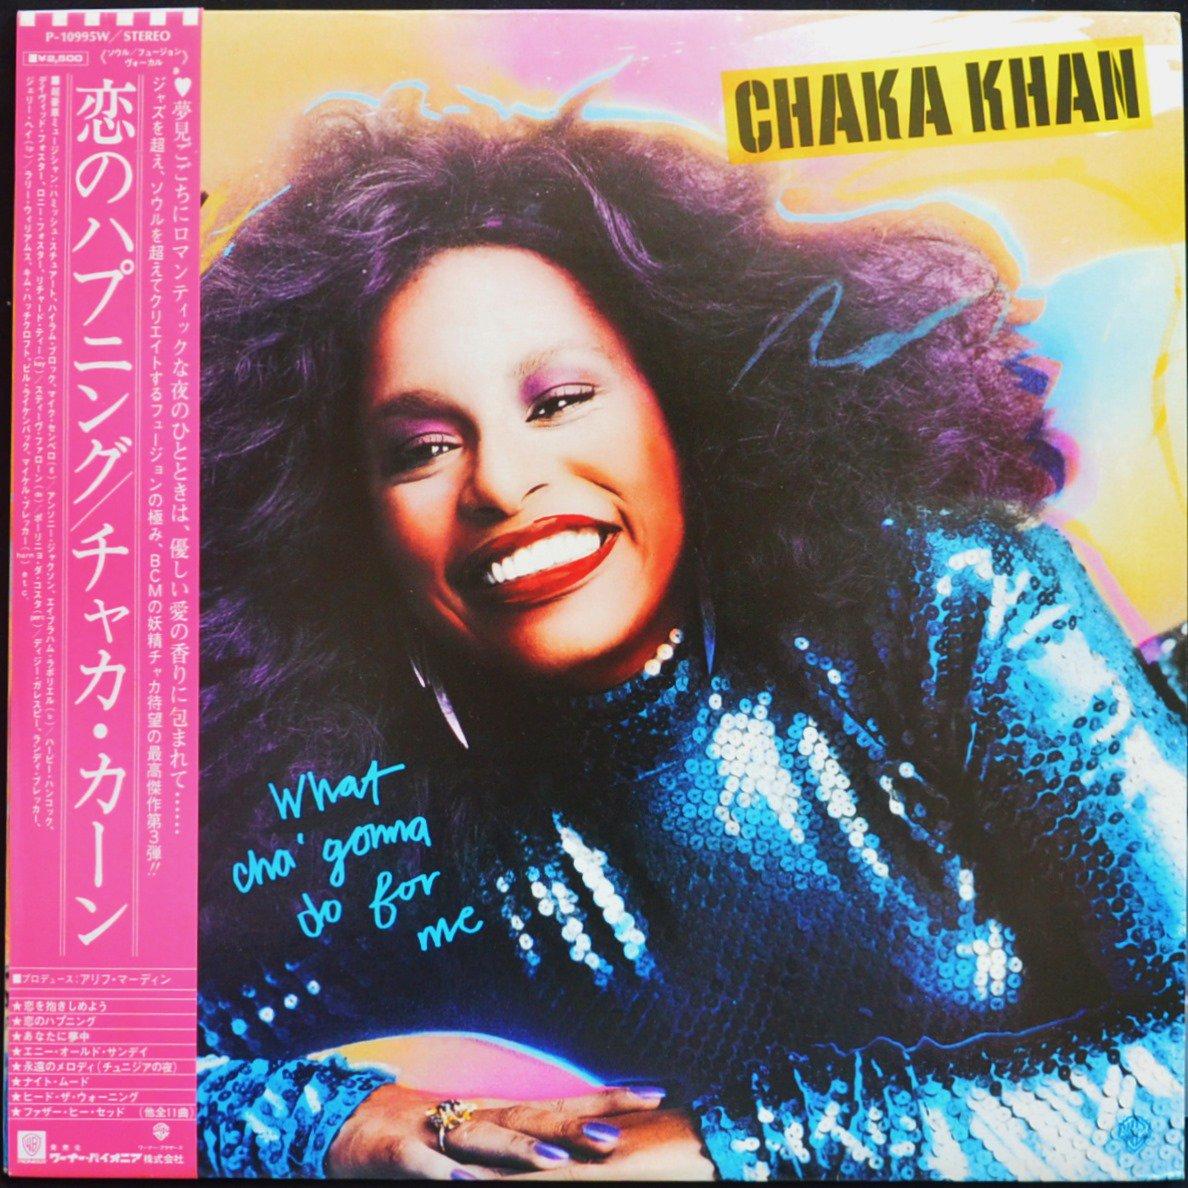 チャカ・カーン CHAKA KHAN / 恋のハプニング WHAT CHA' GONNA DO FOR ME (LP)